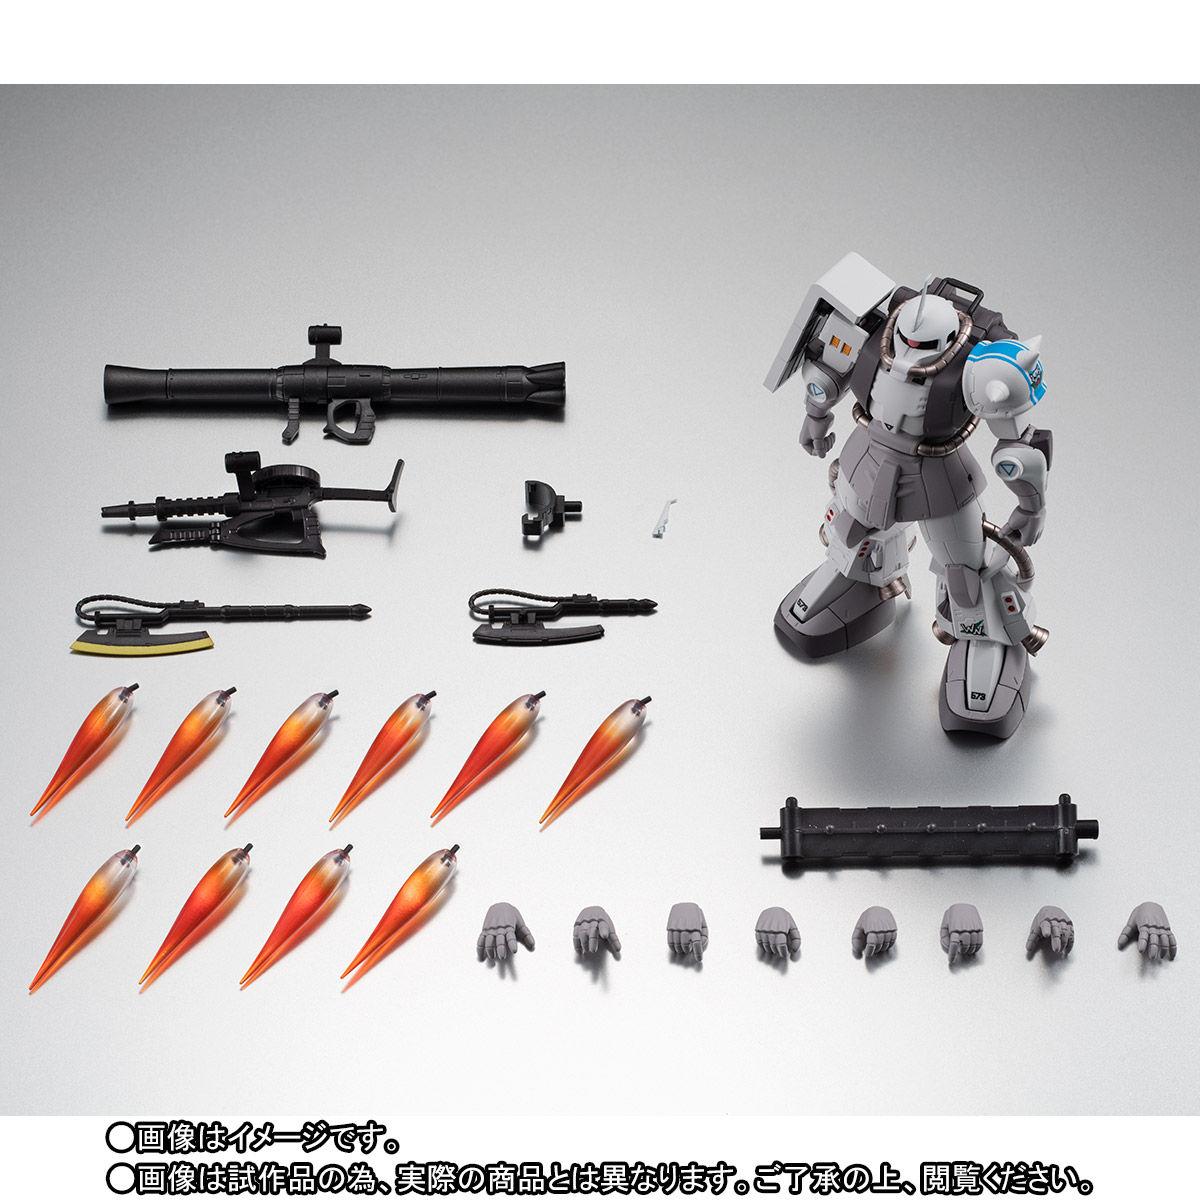 【限定販売】ROBOT魂〈SIDE MS〉『MS-06R-1A シン・マツナガ専用高機動型ザクII ver. A.N.I.M.E.』ダンダムMSV 可動フィギュア-010